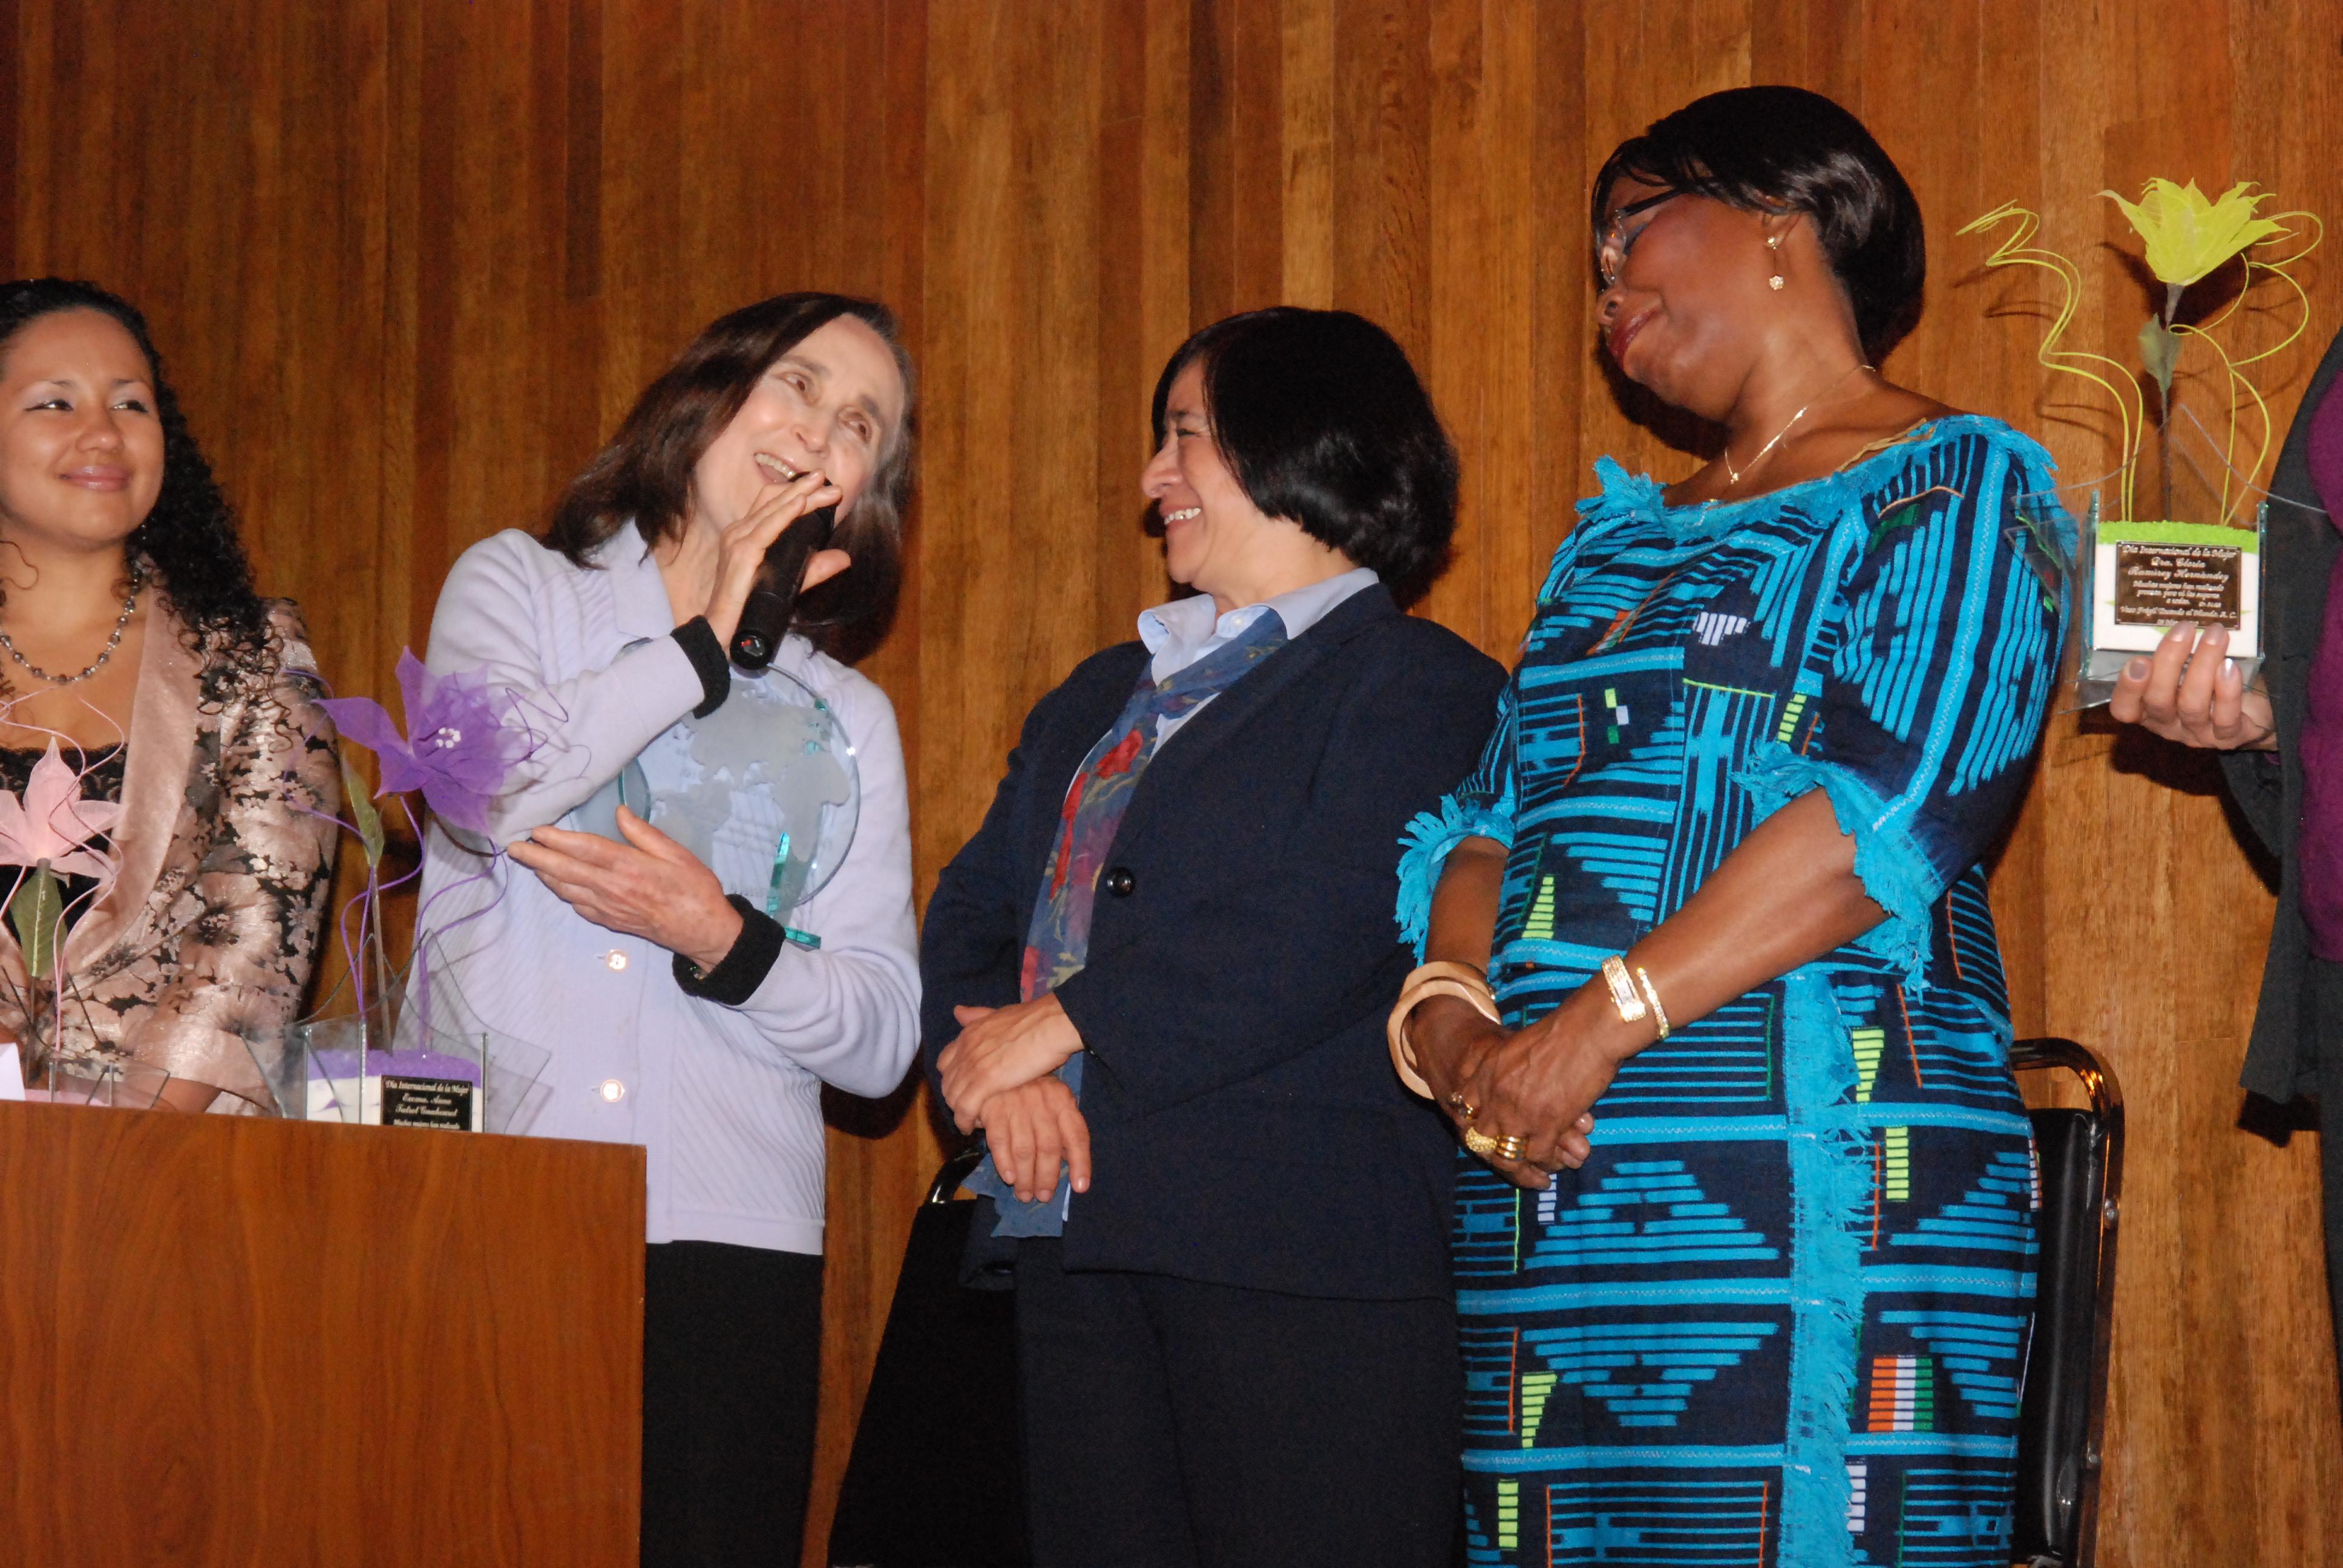 Día_Internacional_de_la_Mujer,_Premio_Mujer_del_Año_-_Encuentro_de_Mujeres_Formadoras_y_Educadoras_d